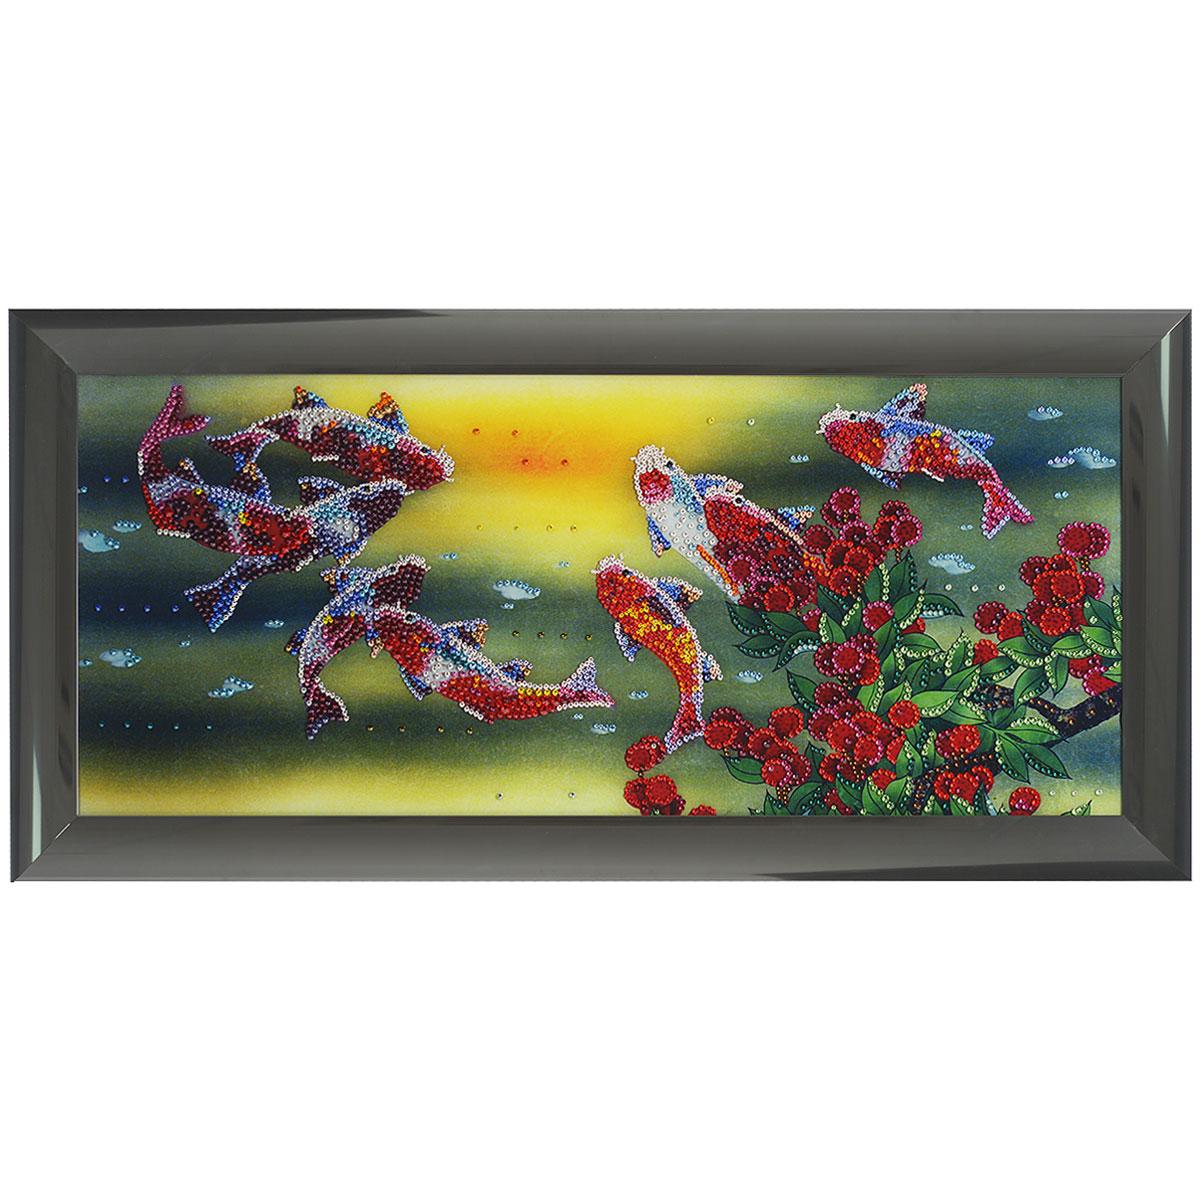 Картина с кристаллами Swarovski Рыбы Тай, 77,5 см х 37,5 см